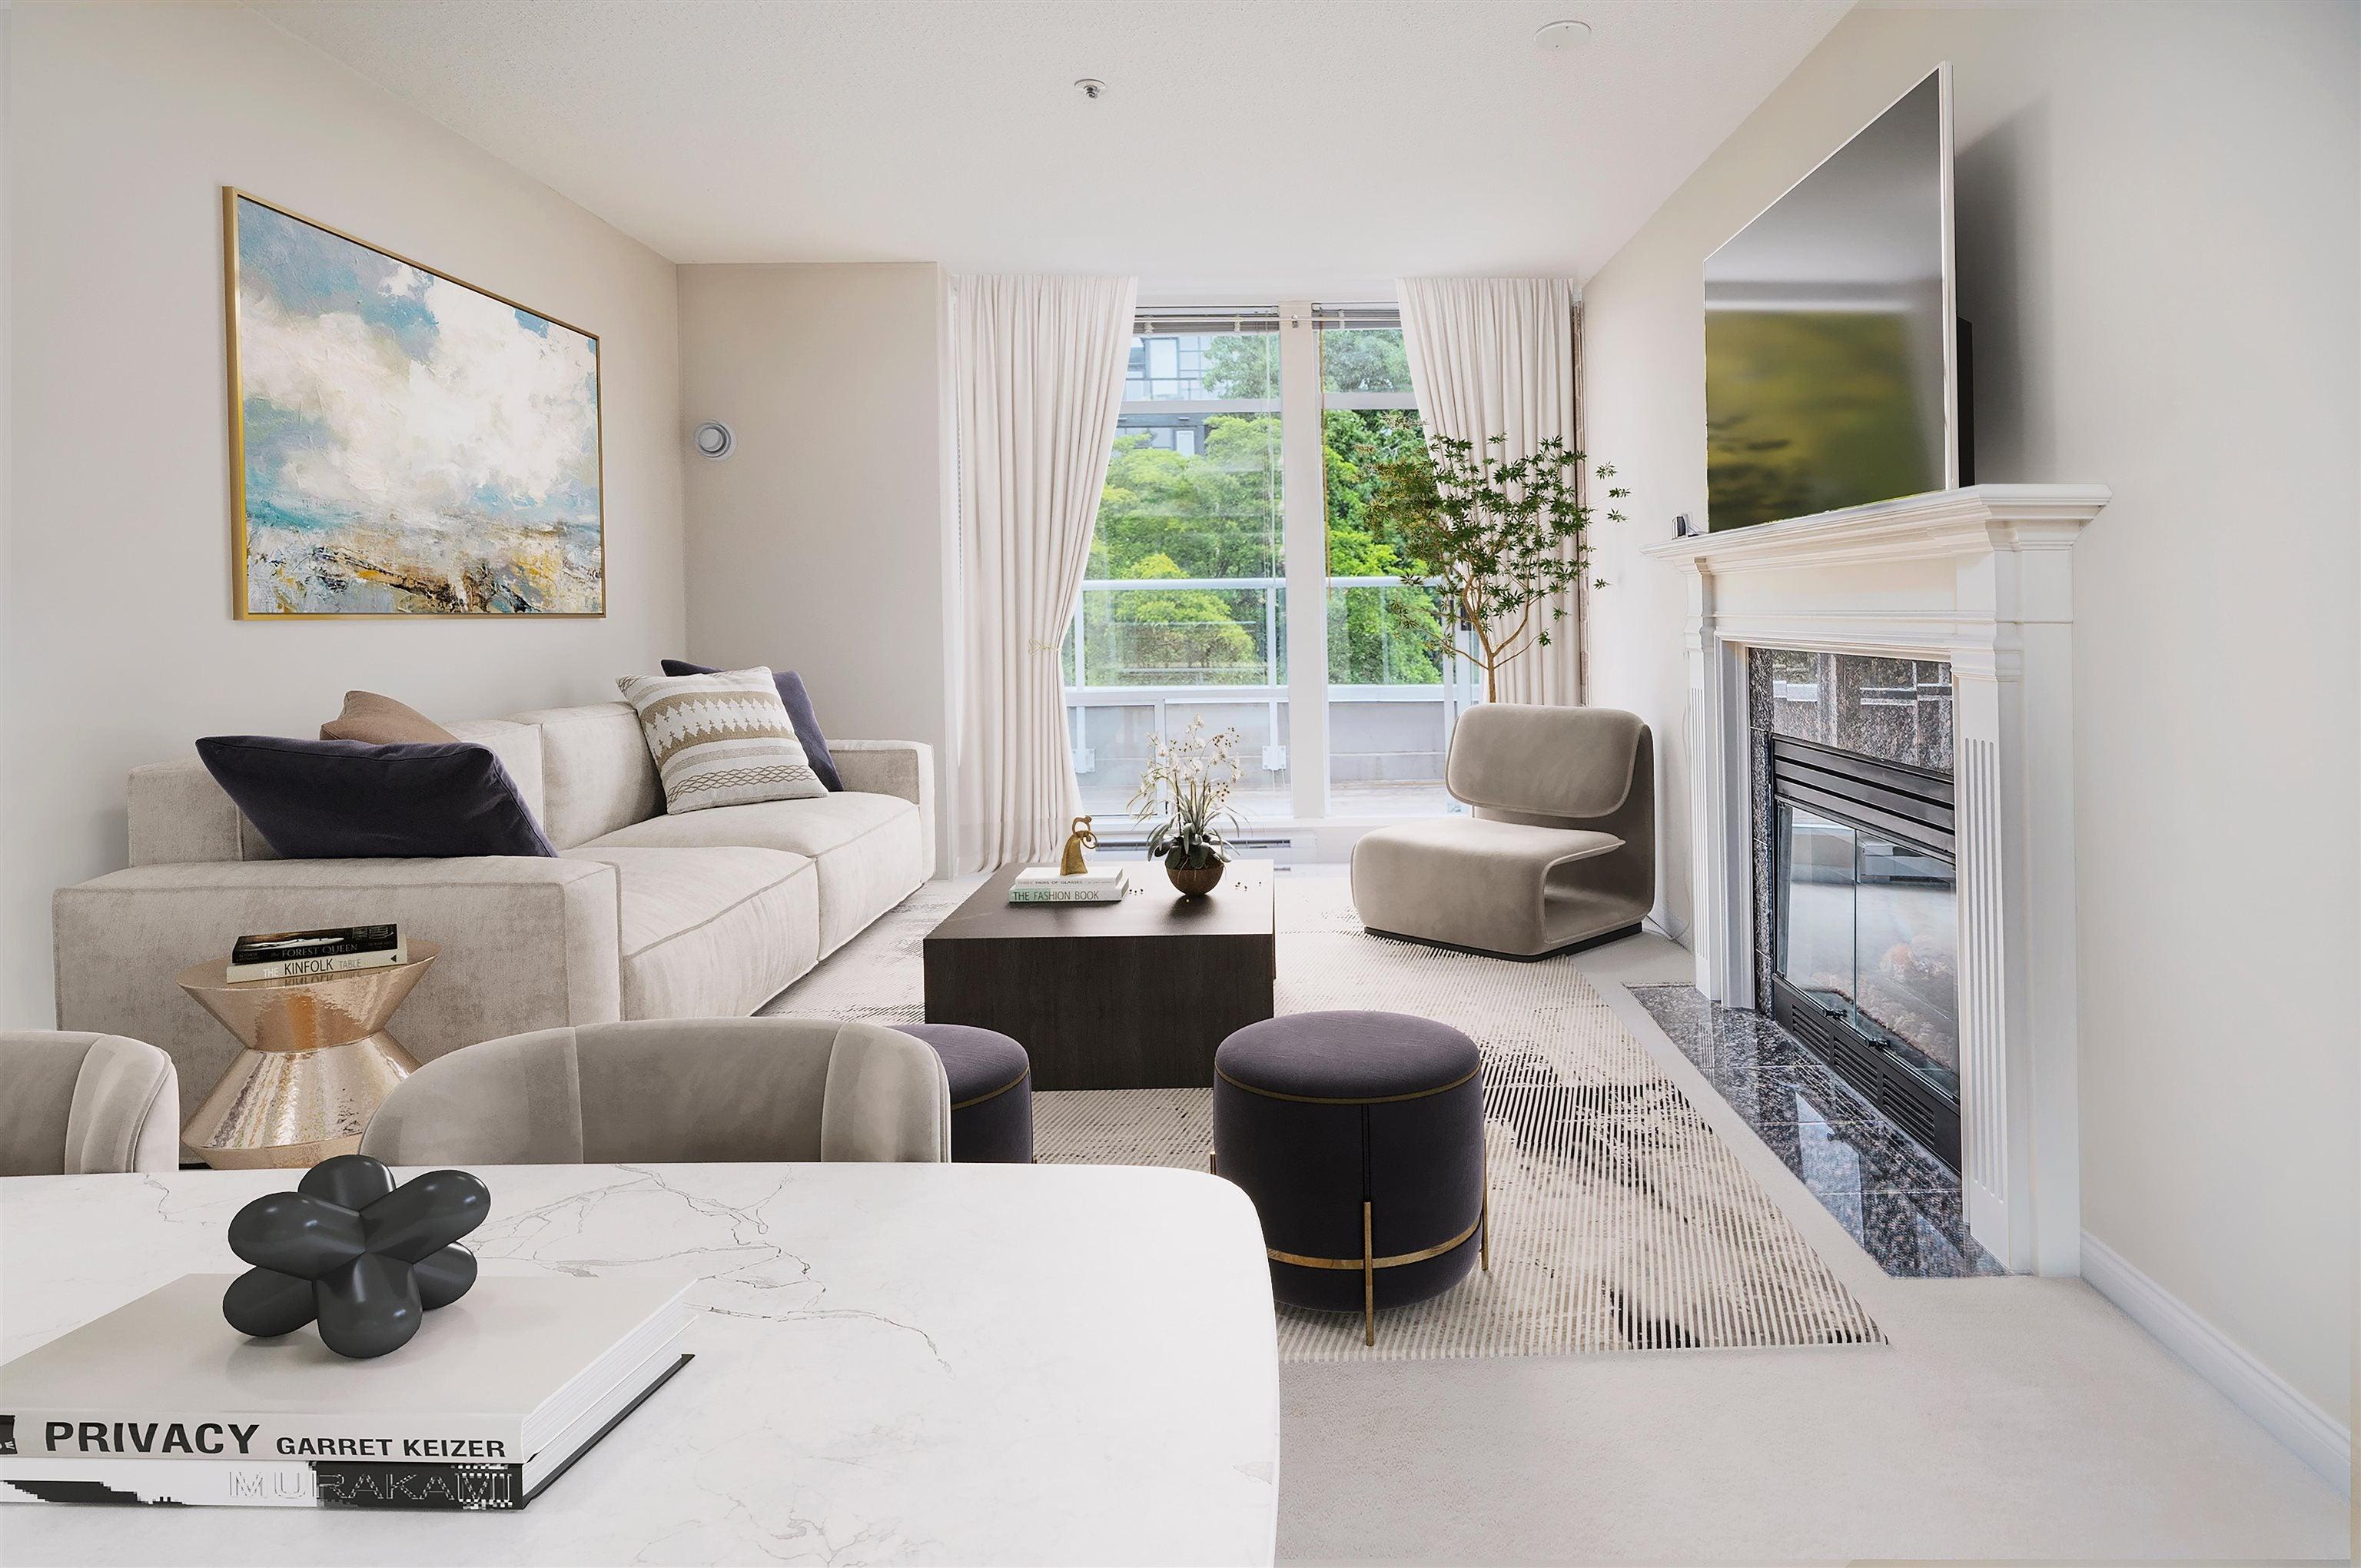 411 2288 W 12TH AVENUE - Kitsilano Apartment/Condo for sale, 1 Bedroom (R2625176)